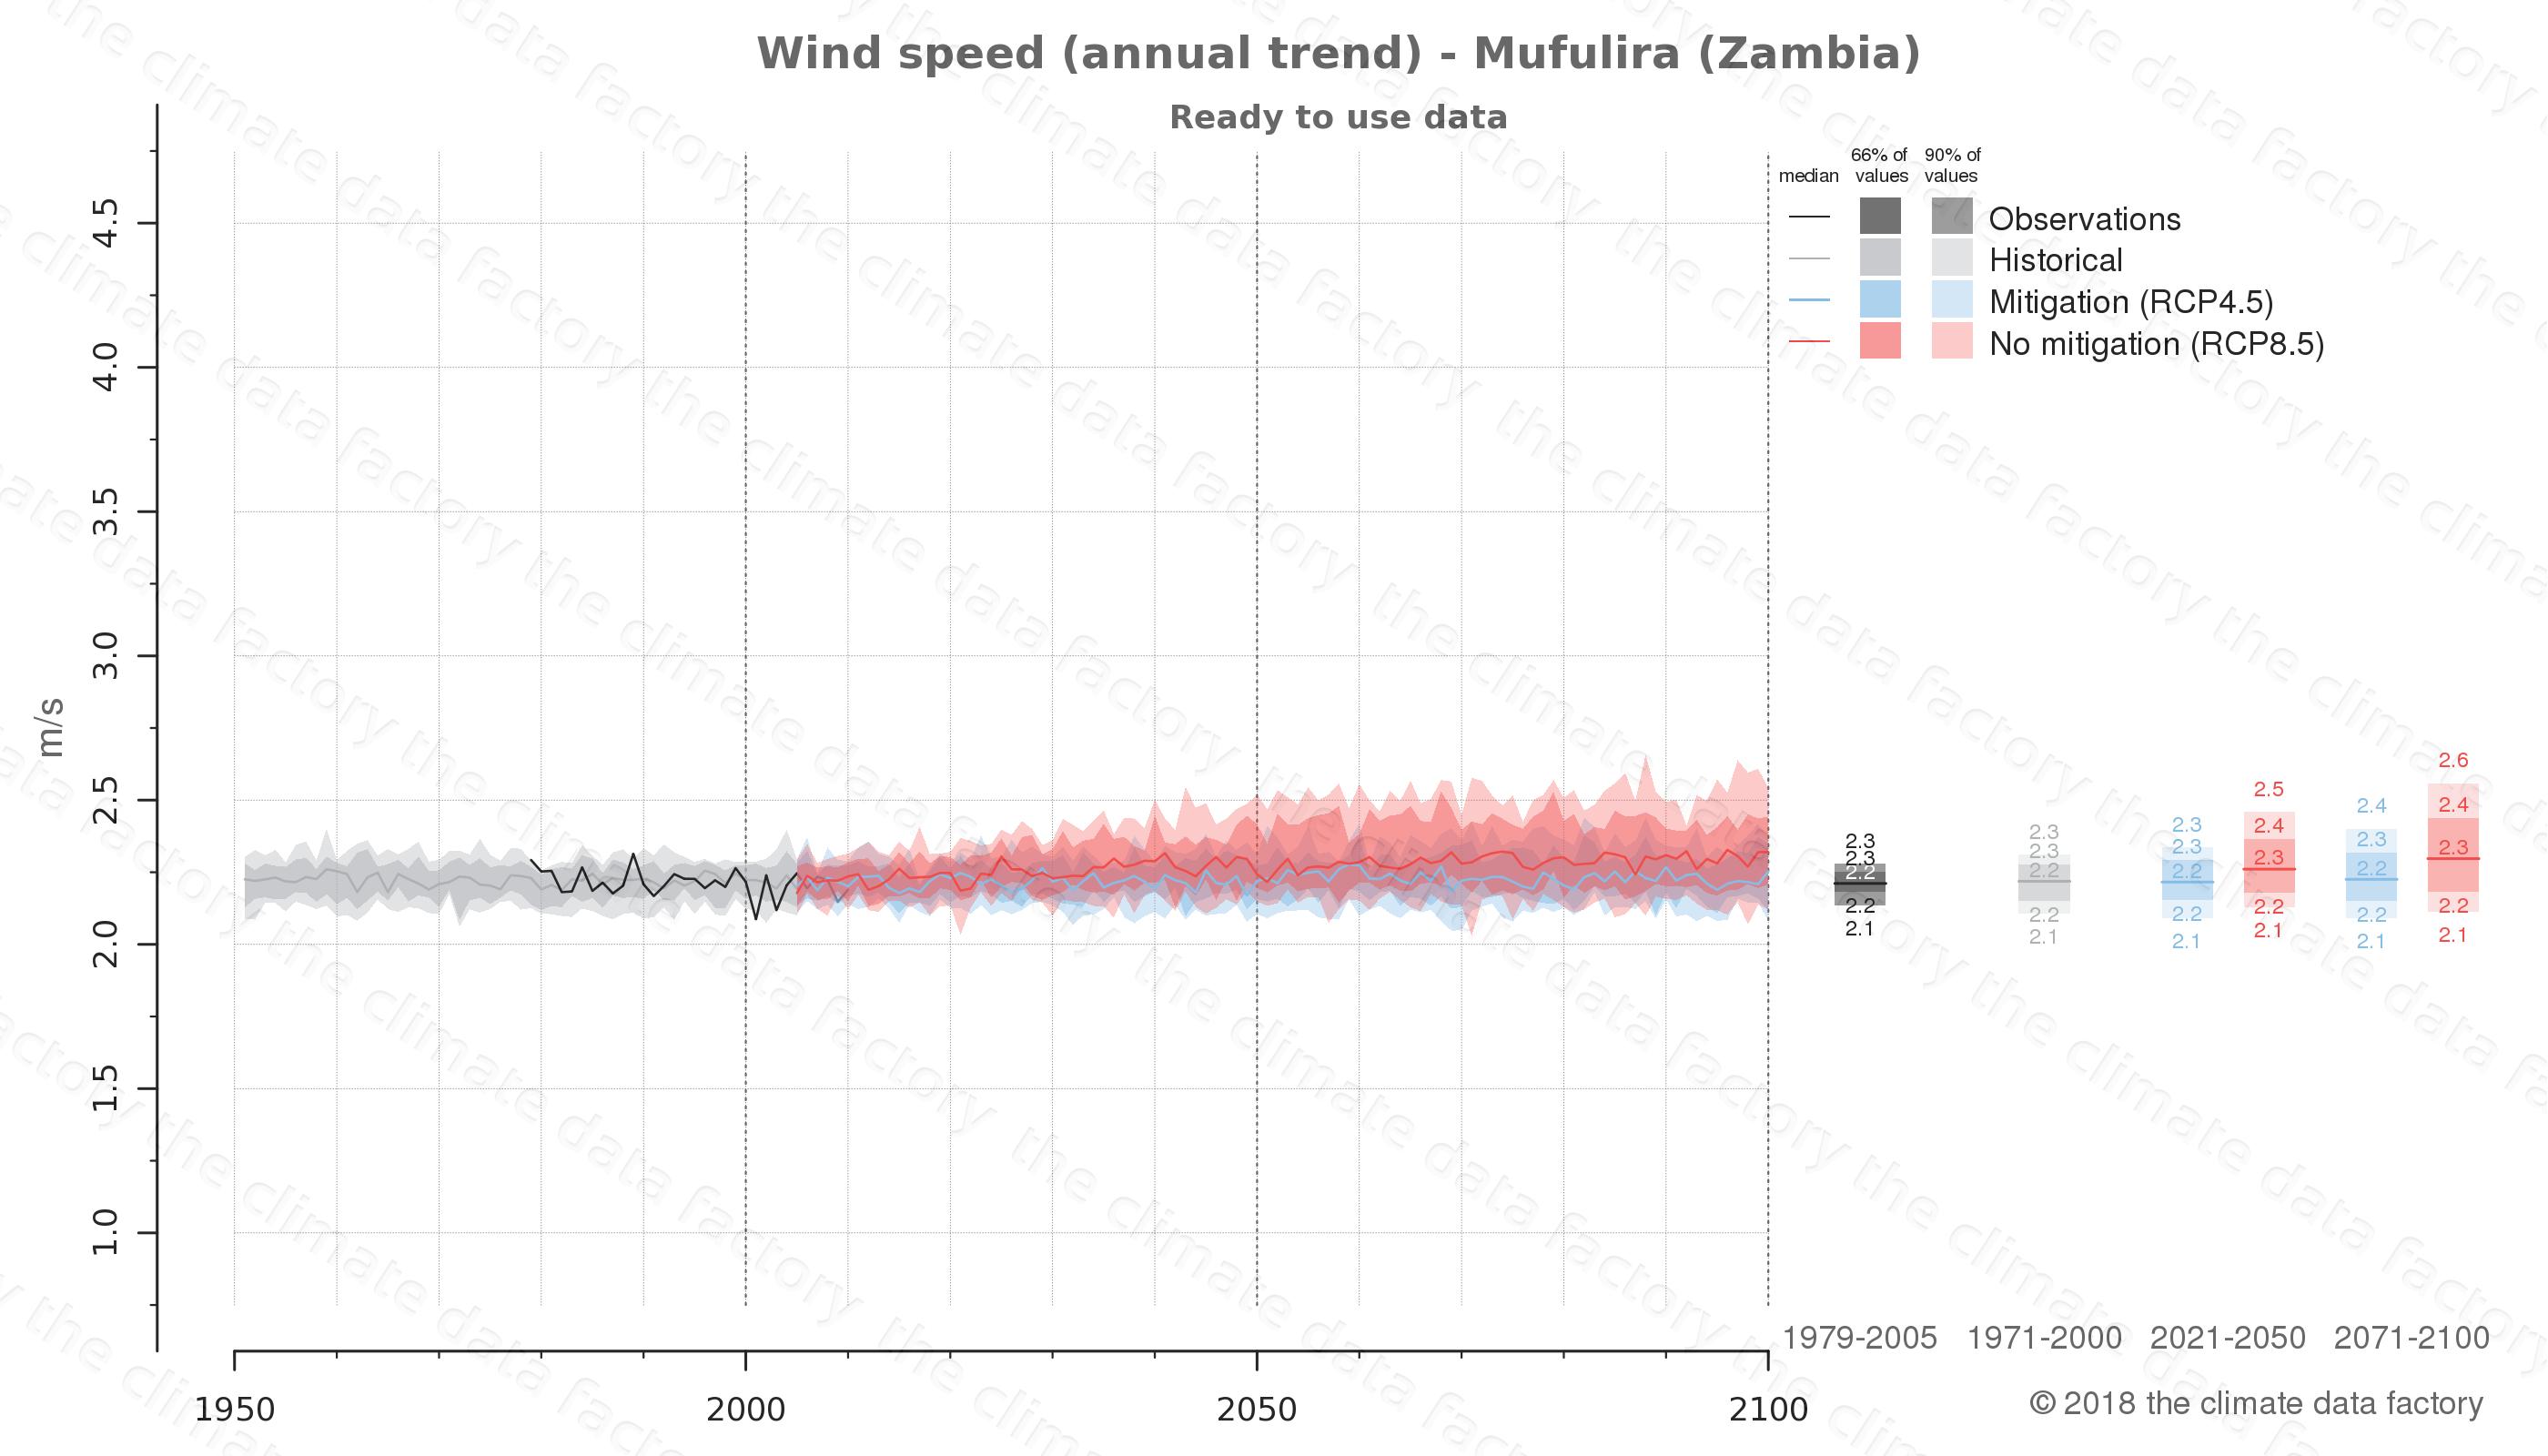 climate change data policy adaptation climate graph city data wind-speed mufulira zambia